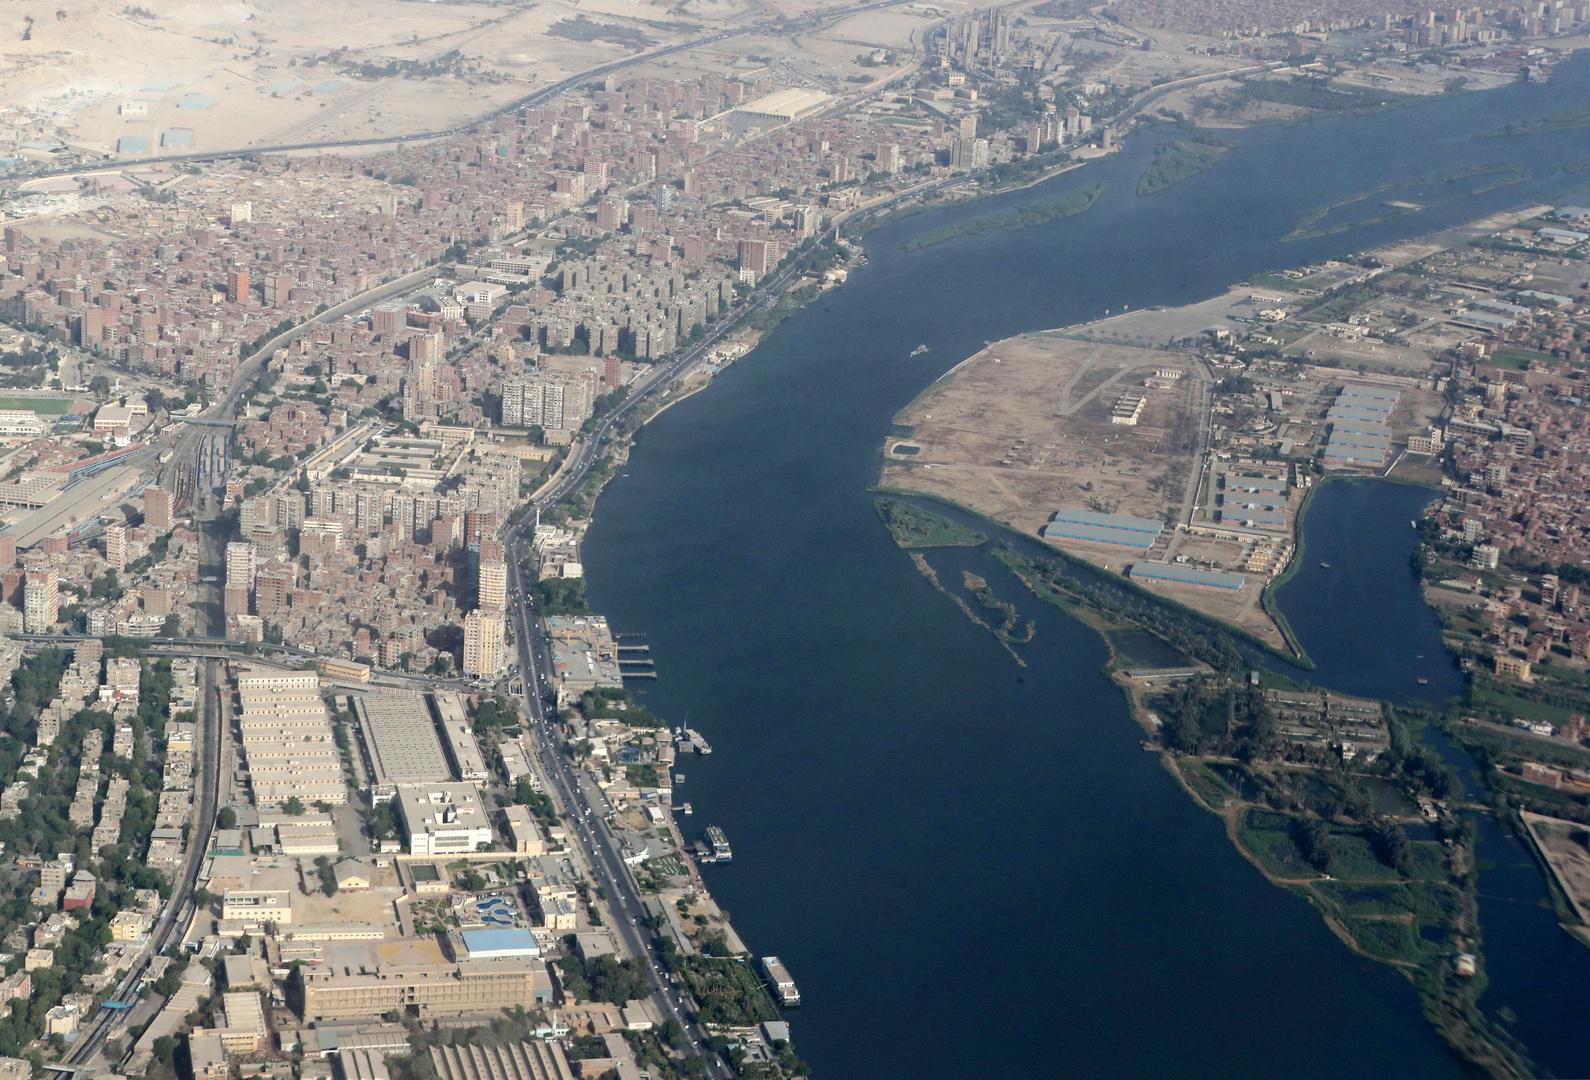 مصر تكشف عن خطتها لإنقاذ المواطنين بعد أزمة سد النهضة